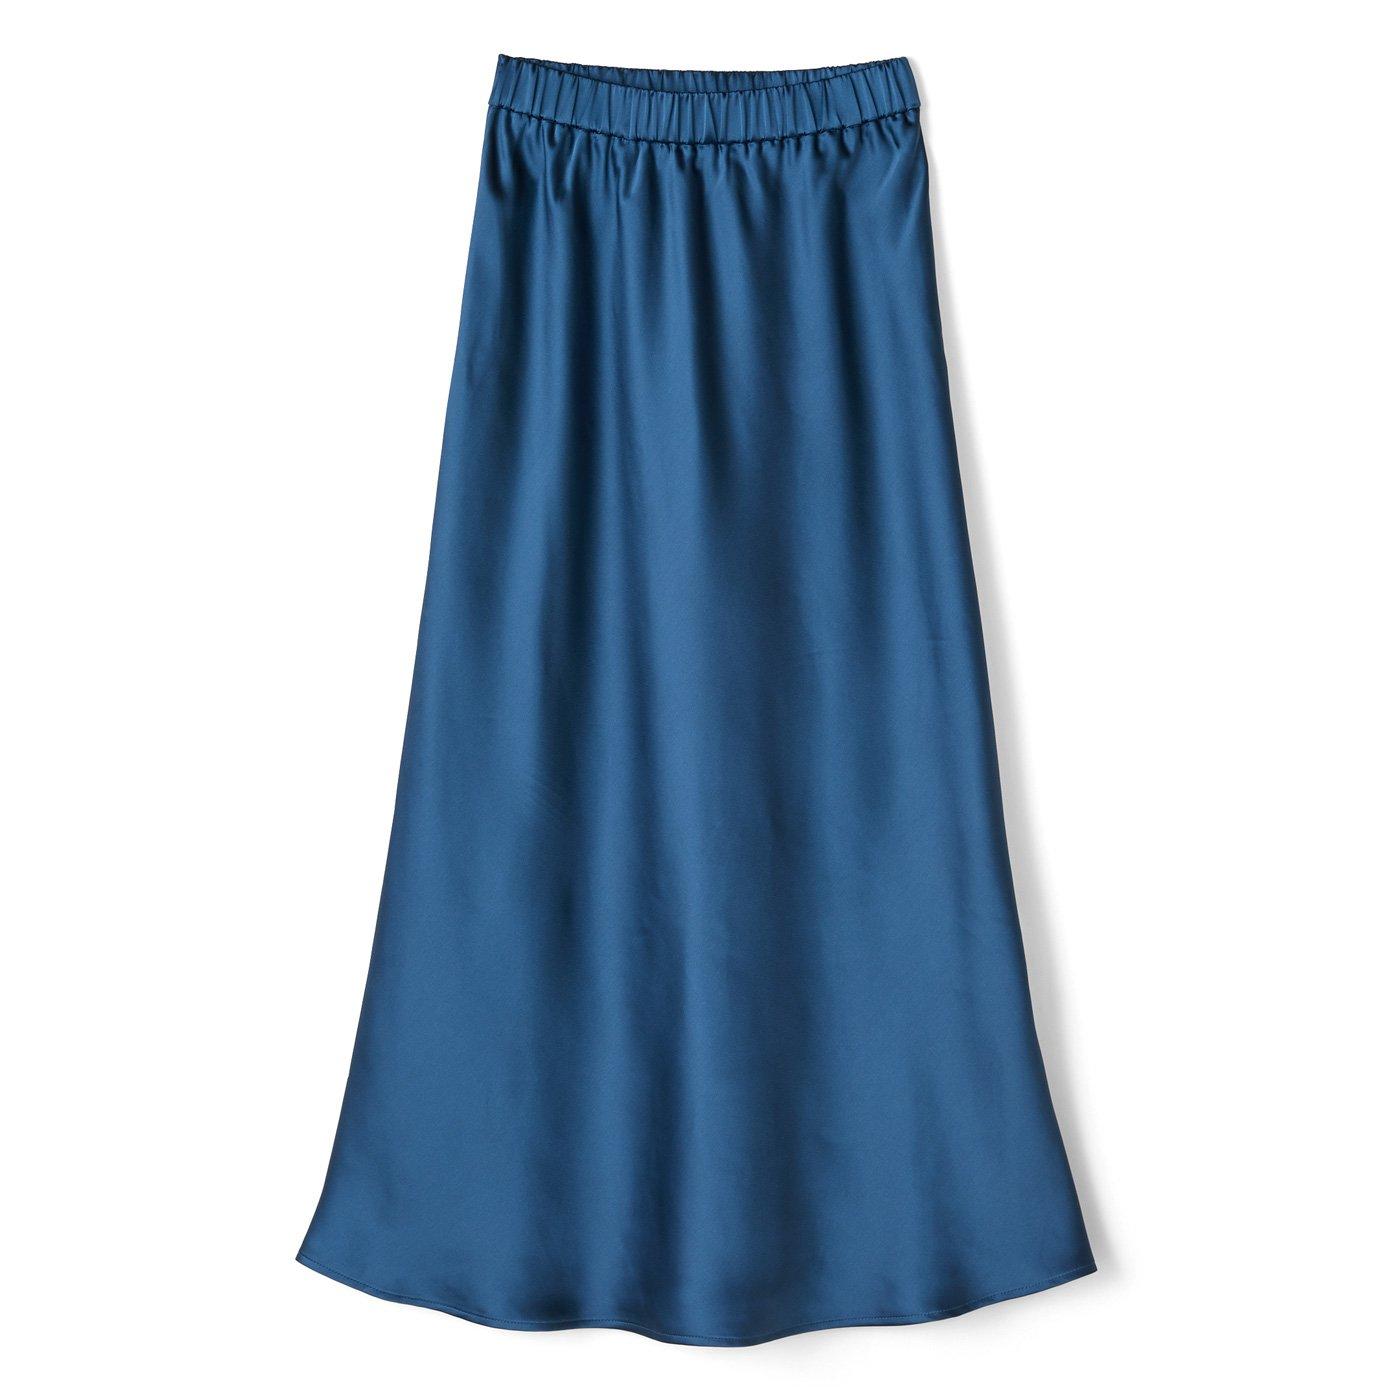 IEDIT[イディット] サテンの光沢が美しいセミサーキュラースカート〈ディープブルー〉